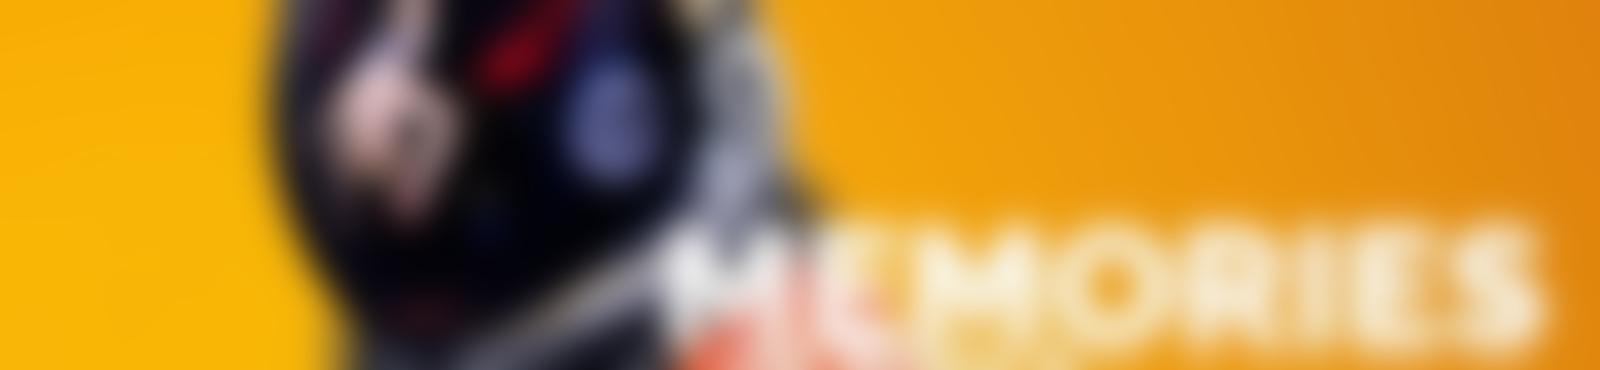 Blurred 1446a495 4d27 427d ad38 74601878c03d